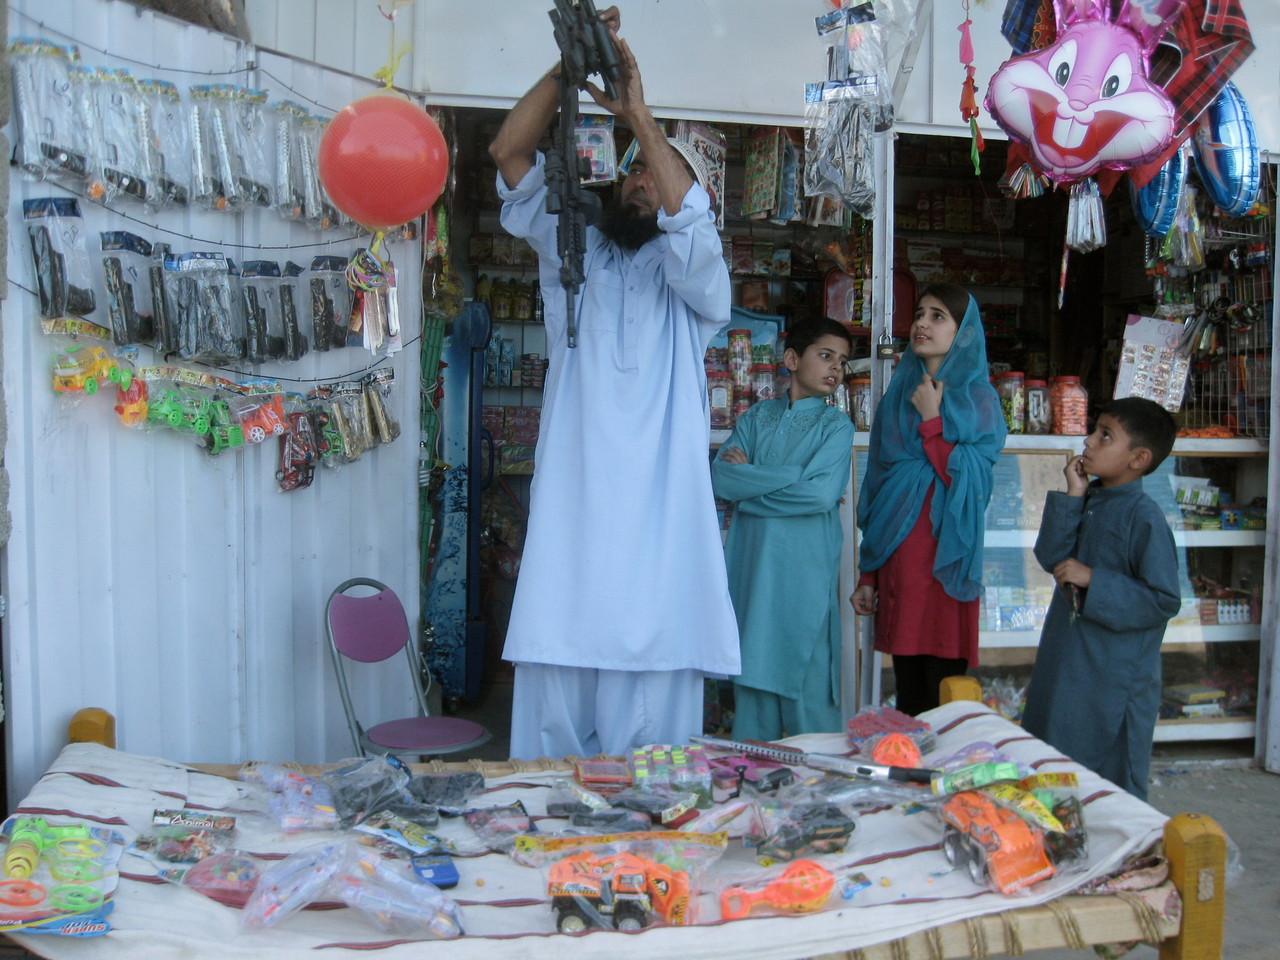 ベッドの上や外の壁に商品のおもちゃを置いたりぶら下げて、臨時に拡張された店。お小遣いをもらった子供たちで商売繁盛。